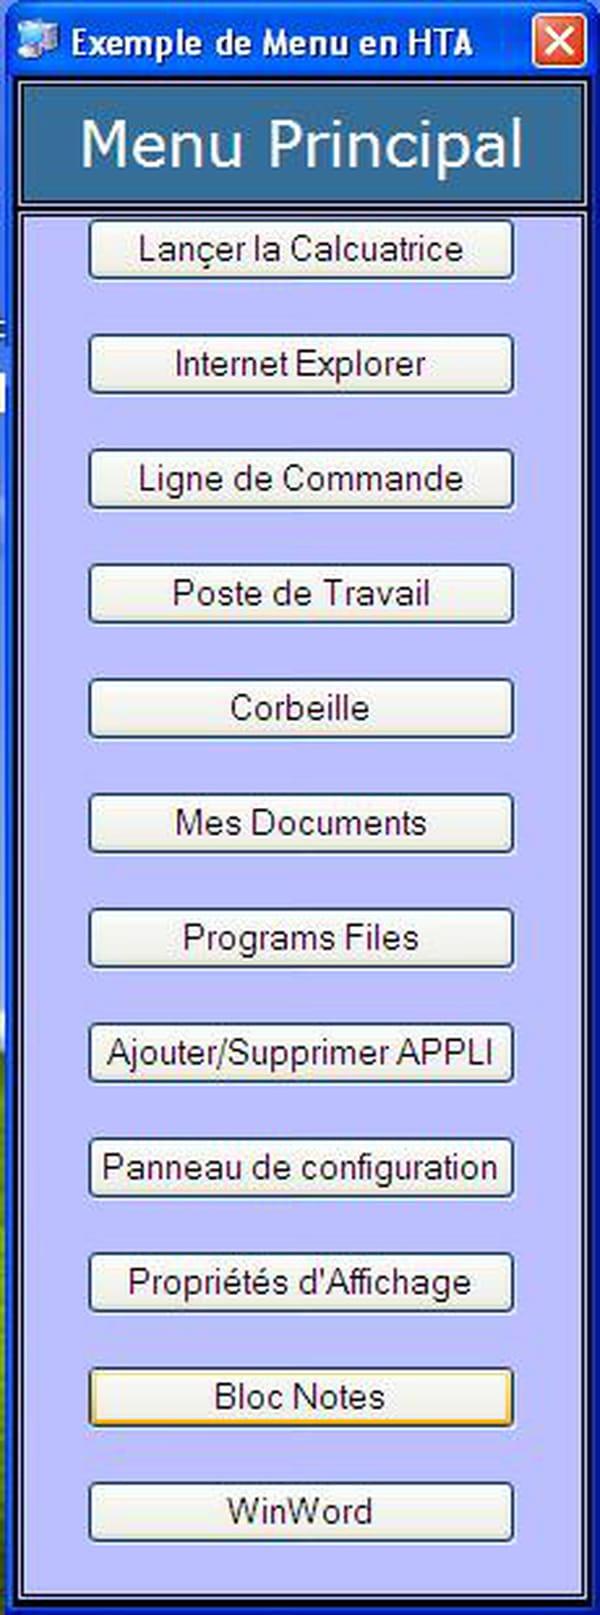 Visual Basic / VB NET : Exemple de menu en hta avec password et